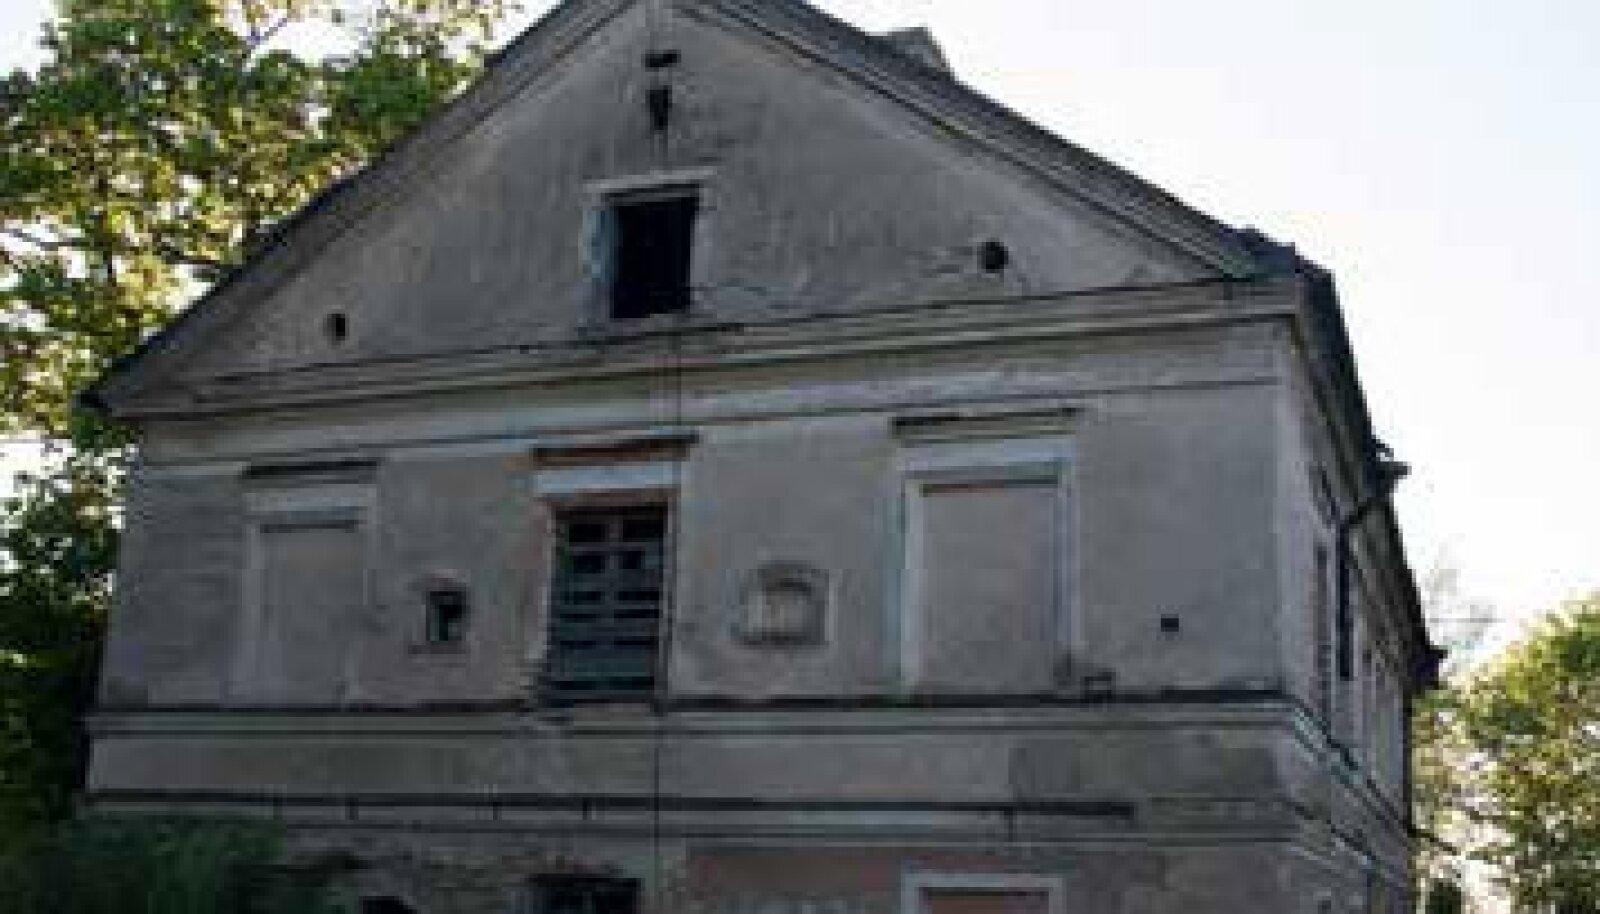 1850ndatel ehitatud Rae mõisahoone 2015. aasta suvel.